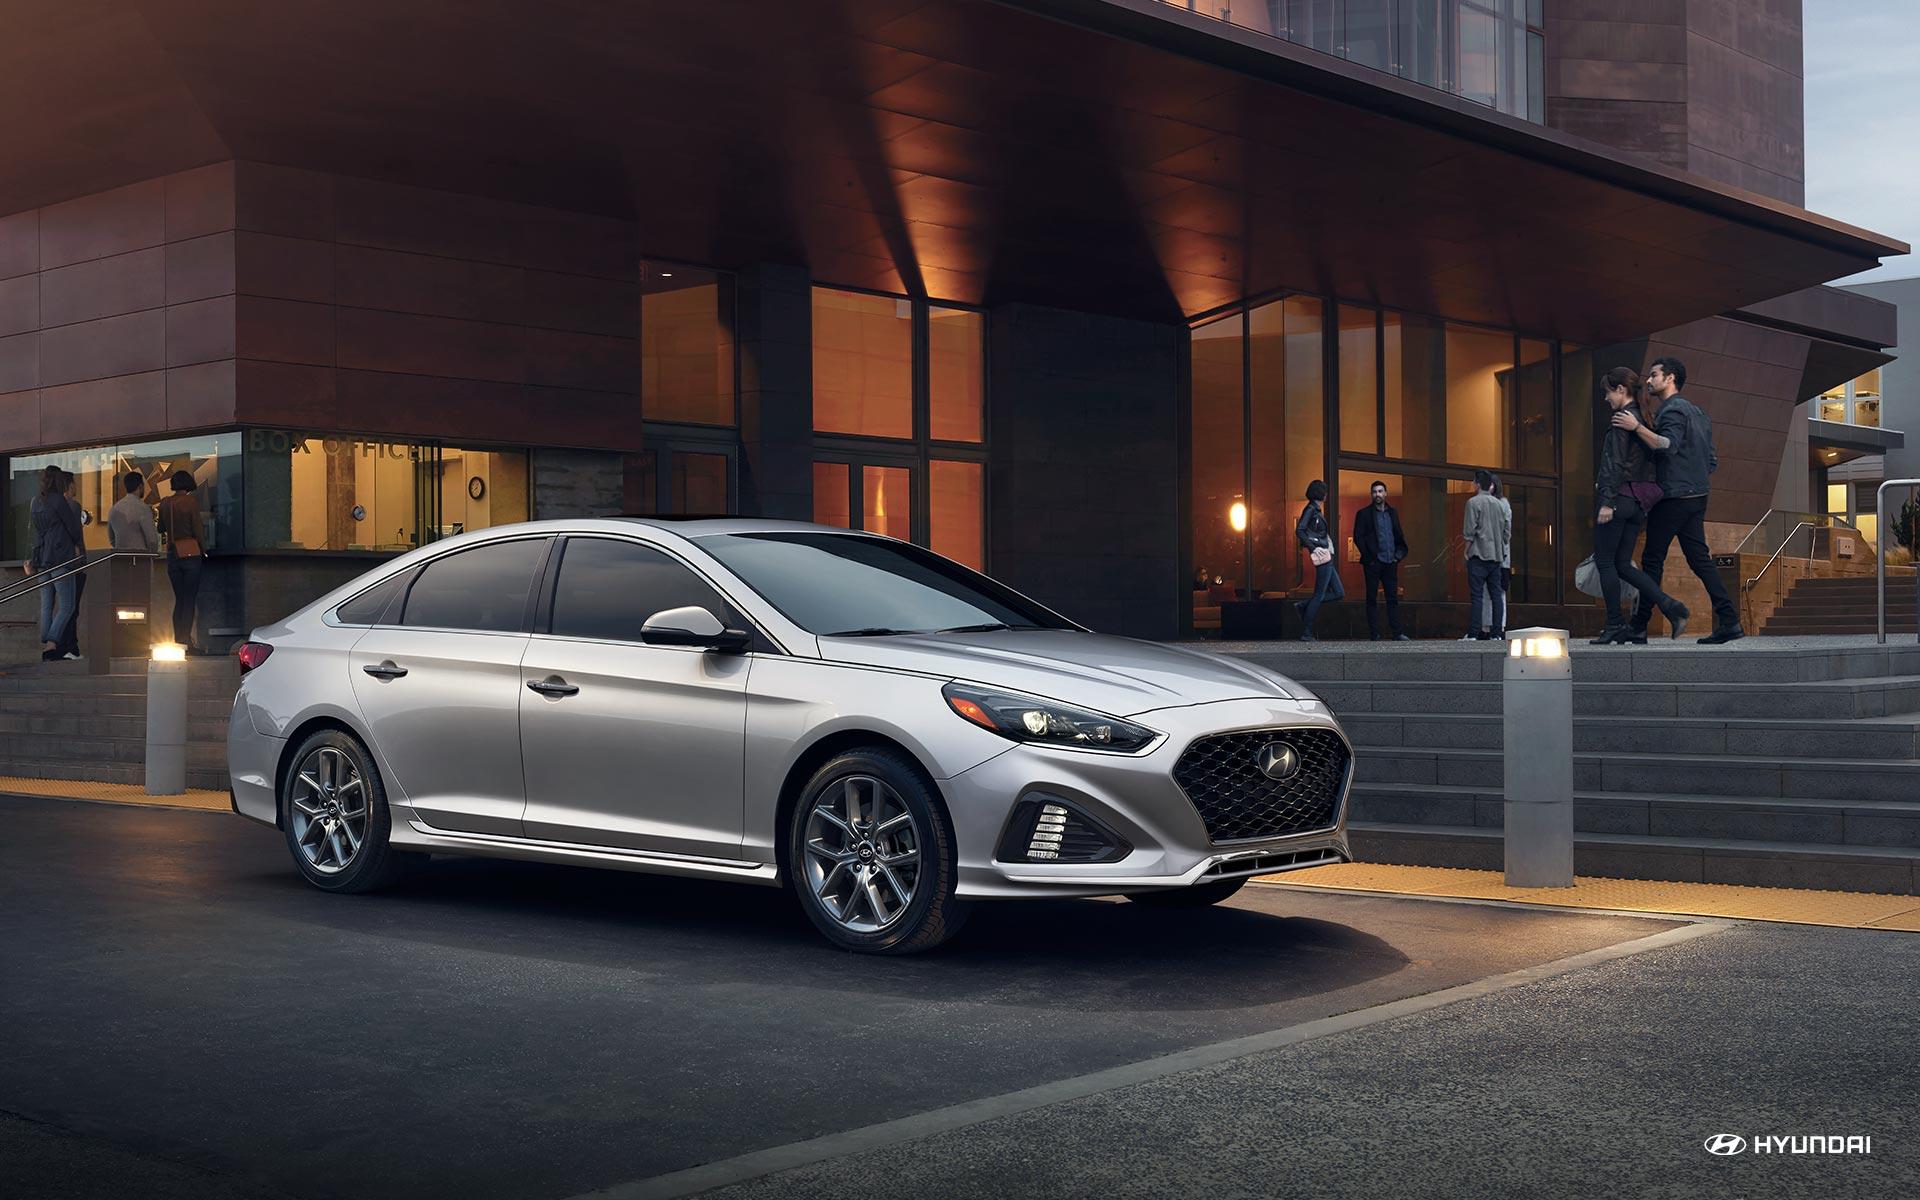 Used Hyundai Sonata for Sale near Joliet, IL